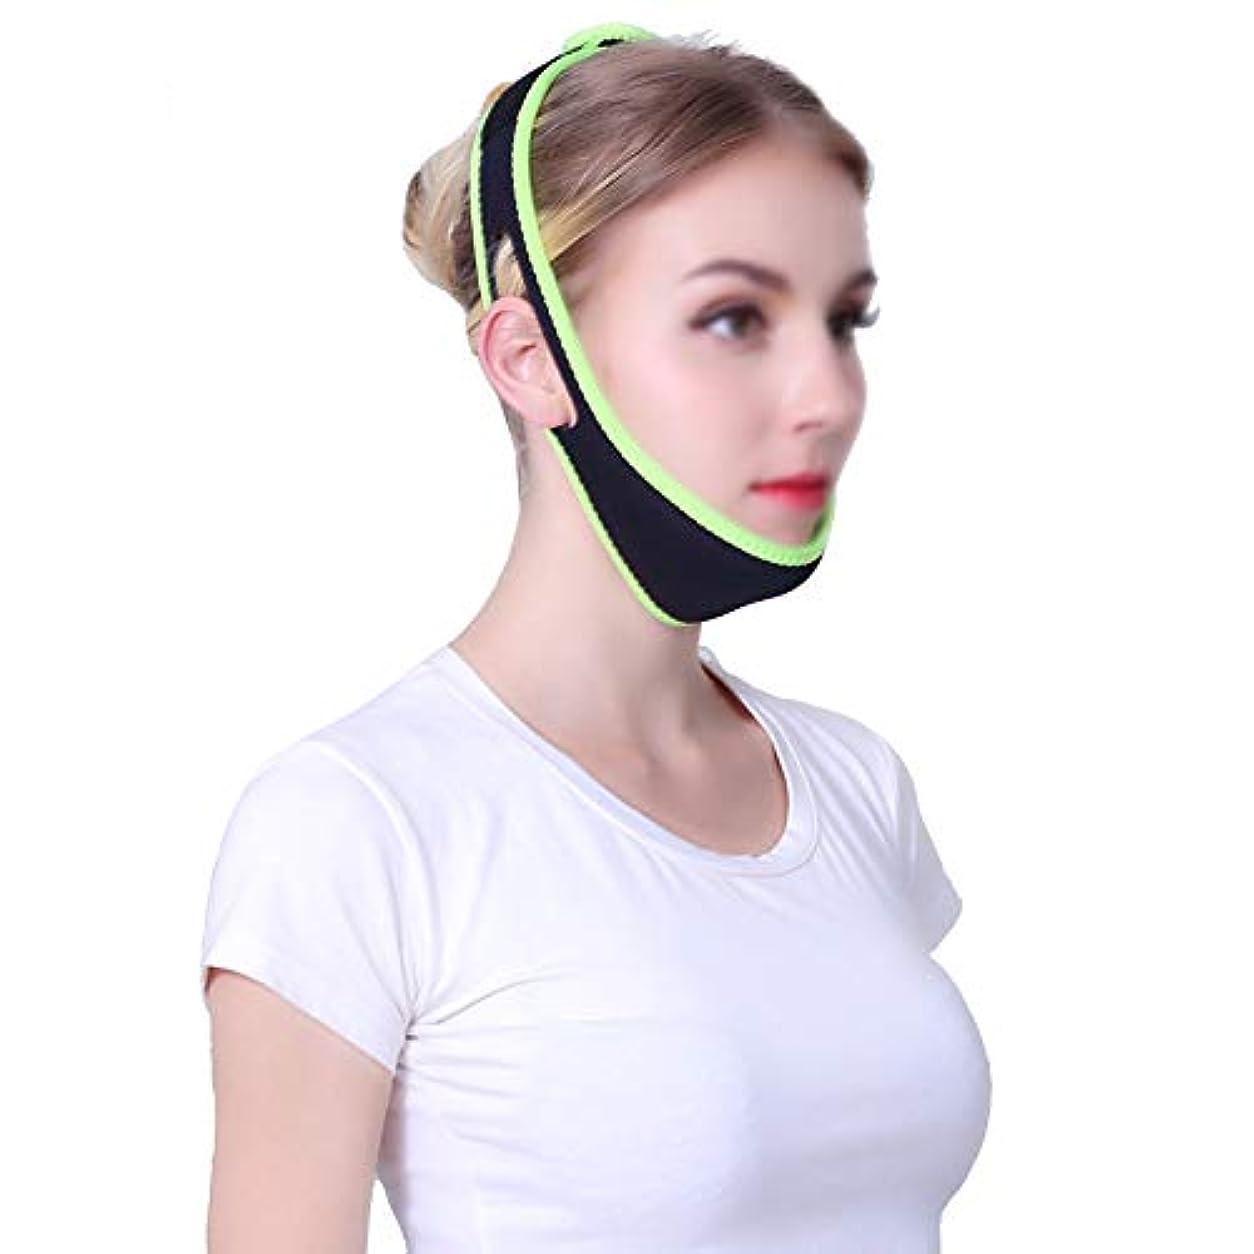 データベース連隊ぬれたGLJJQMY 引き締めフェイスマスク小型Vフェイスアーティファクト睡眠薄いフェイス包帯マスクリフティングマスク引き締めクリームフェイスリフティングフェイス楽器 顔用整形マスク